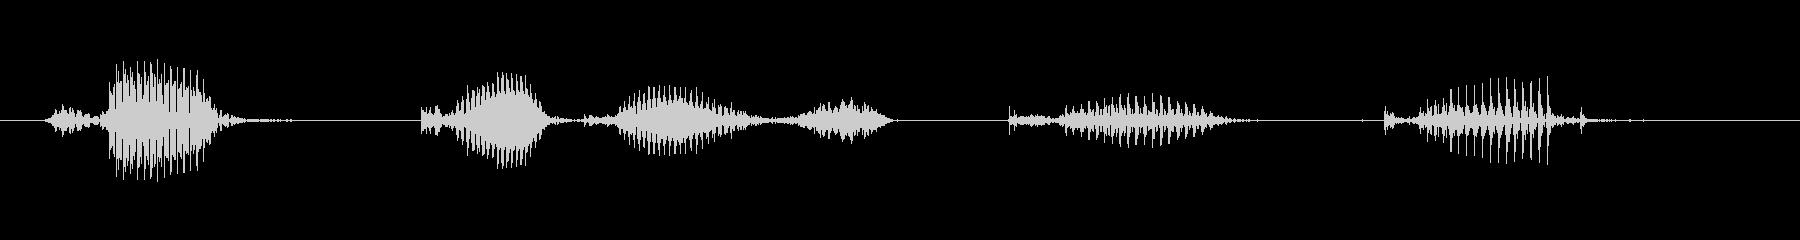 【日数・経過】6ヶ月経過の未再生の波形